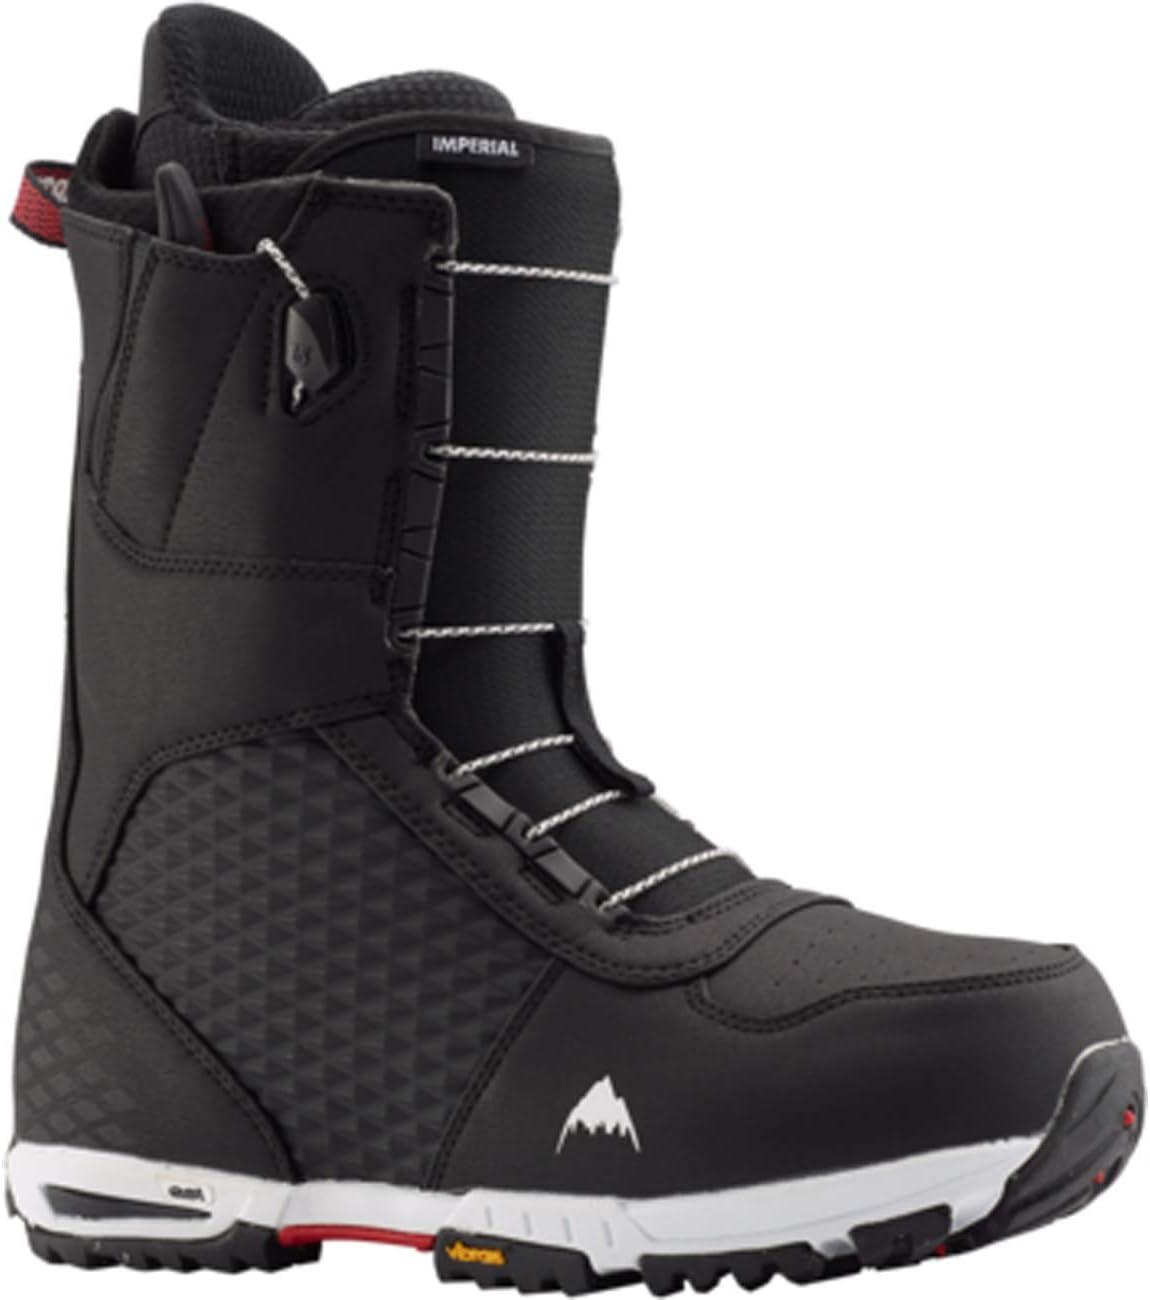 Burton Imperial Boot 2020 Black